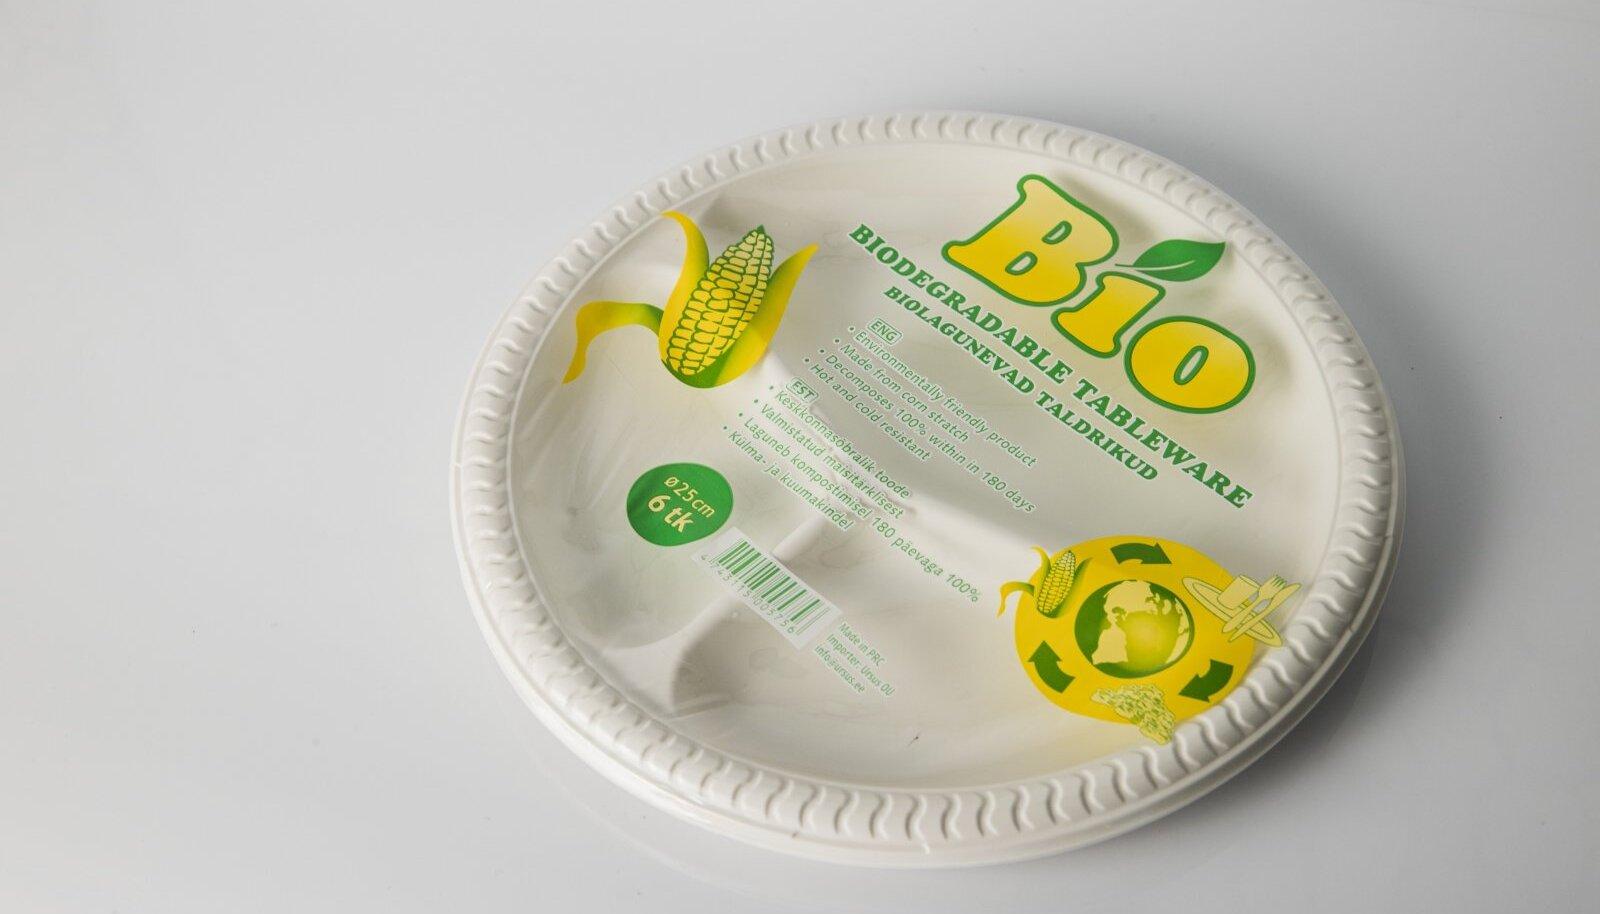 Rohepesu? Biolagunevad taldrikud, mille komposteerumise tingimuste või standardile vastavuse kohta pole pakendil sõnagi.